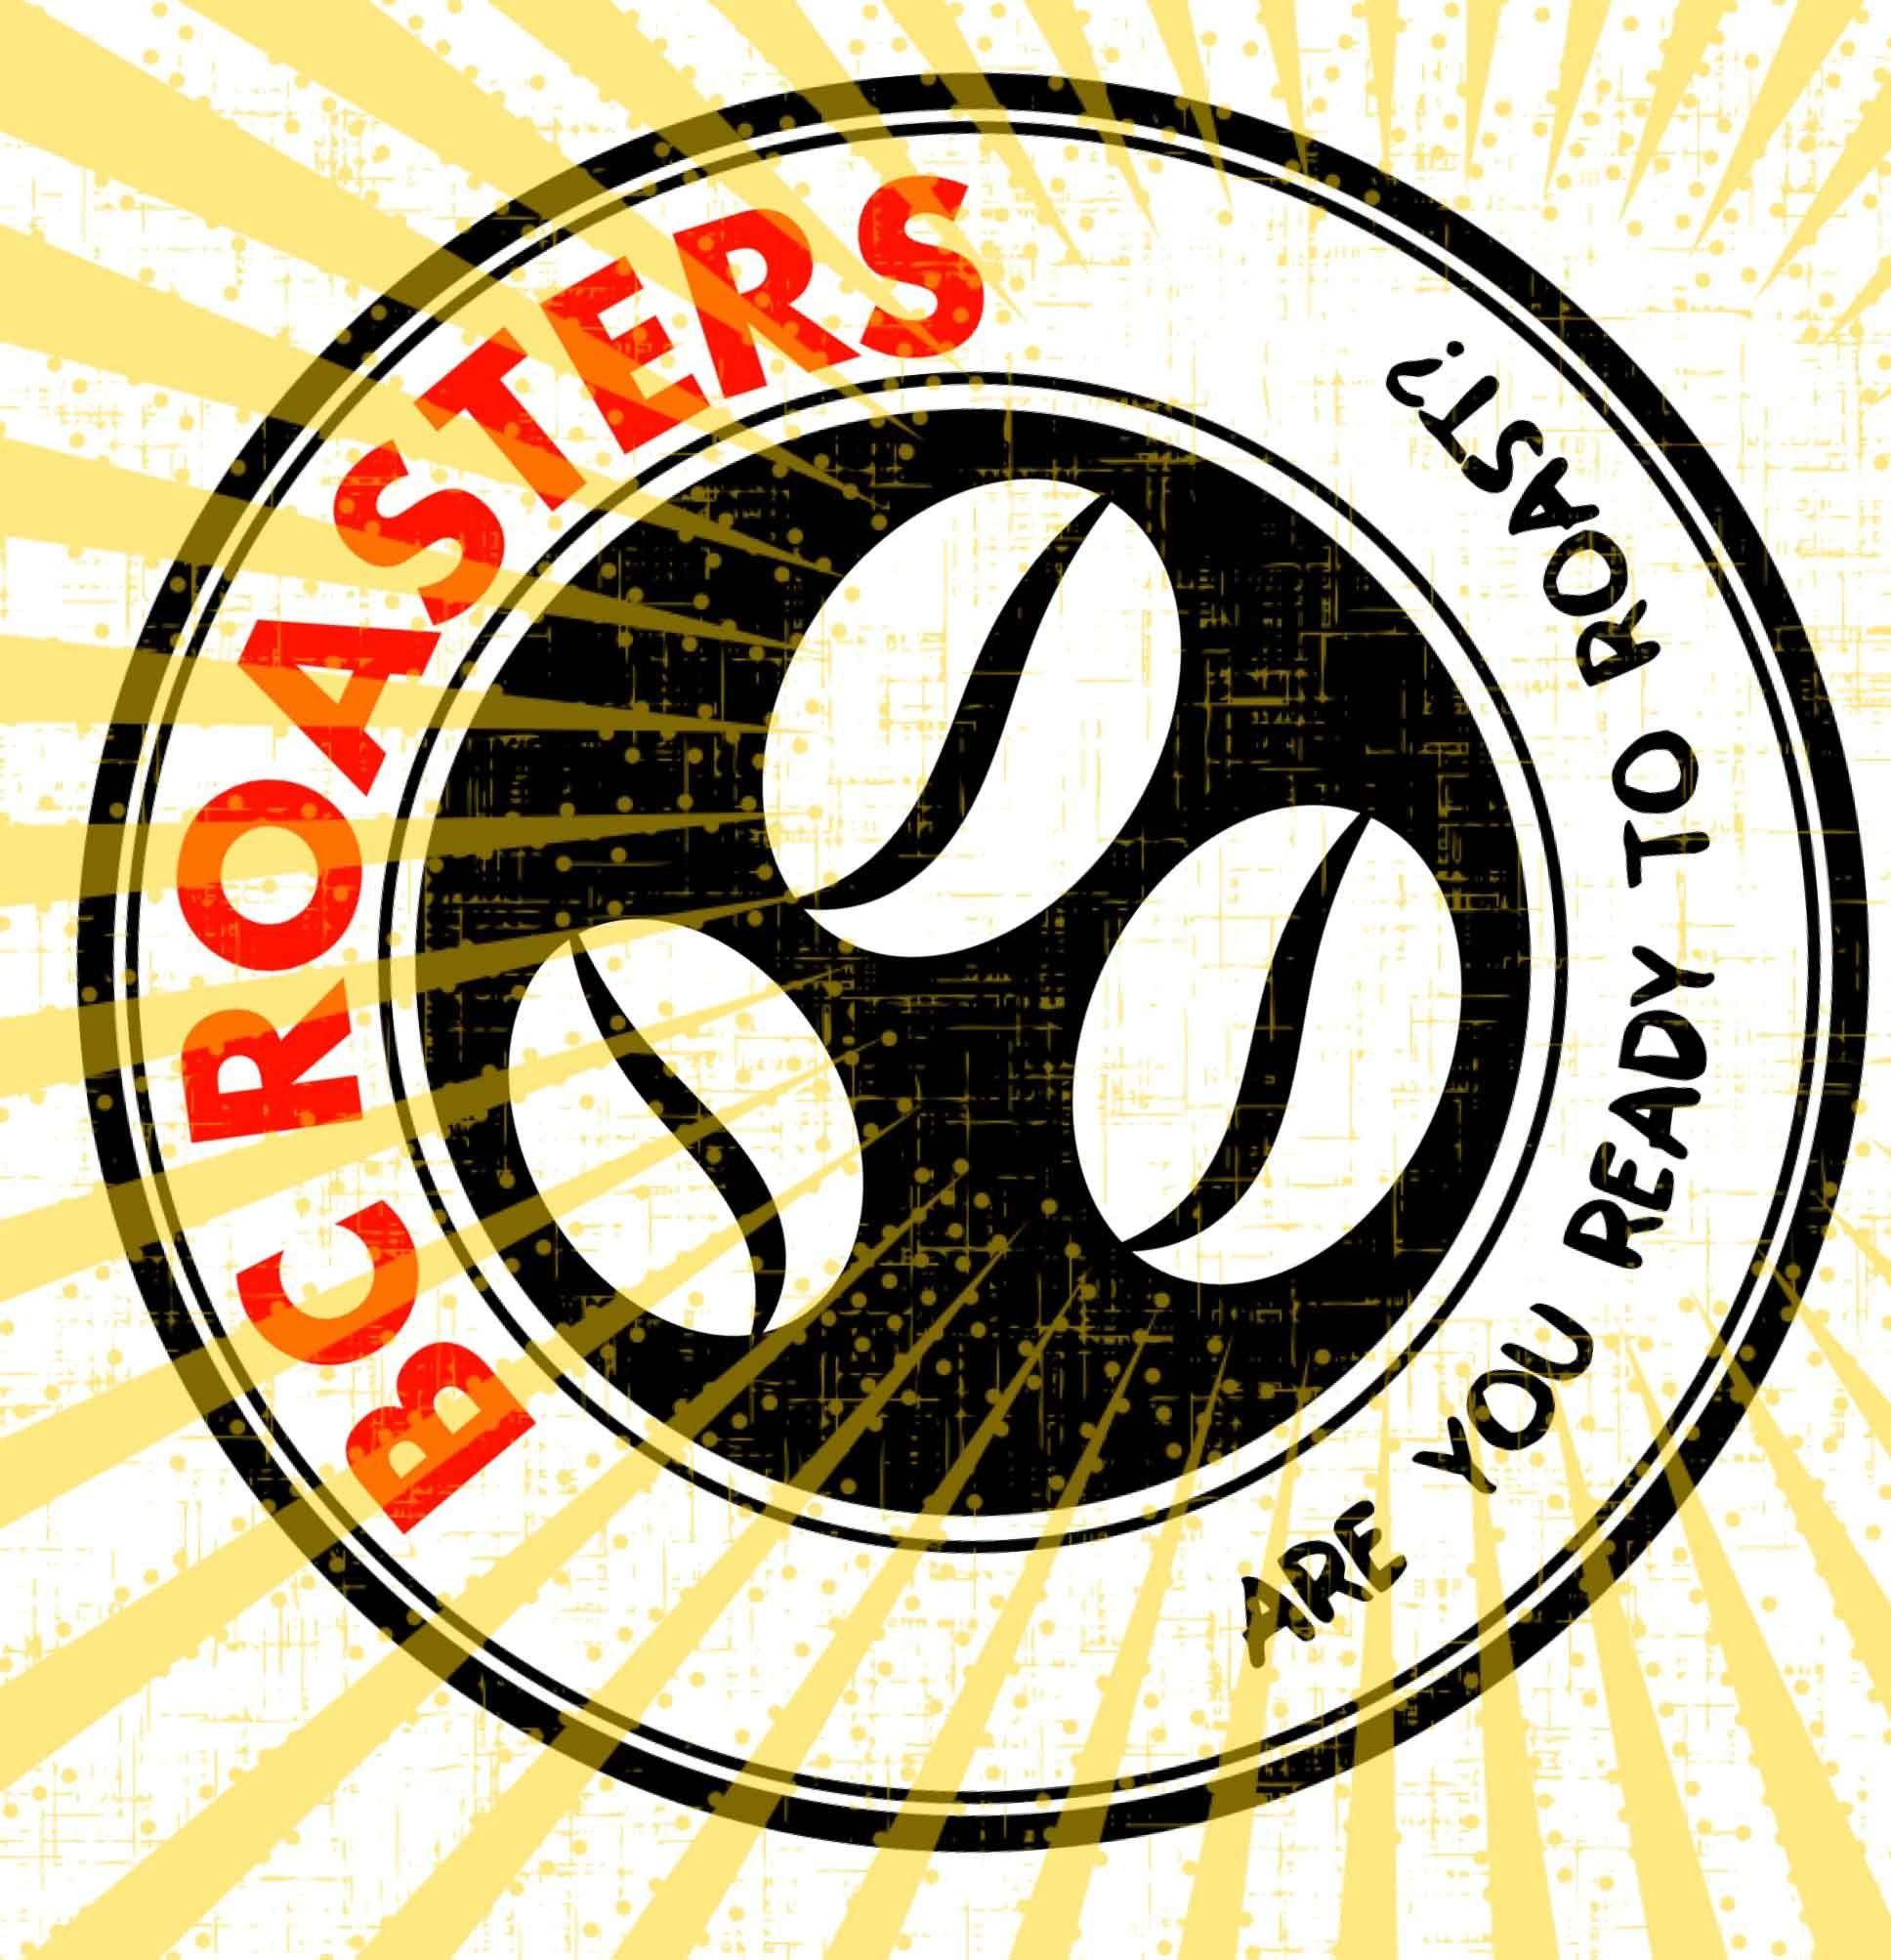 BC ROASTERS - Coffee Roasters, Industrial Equipment, Coffee